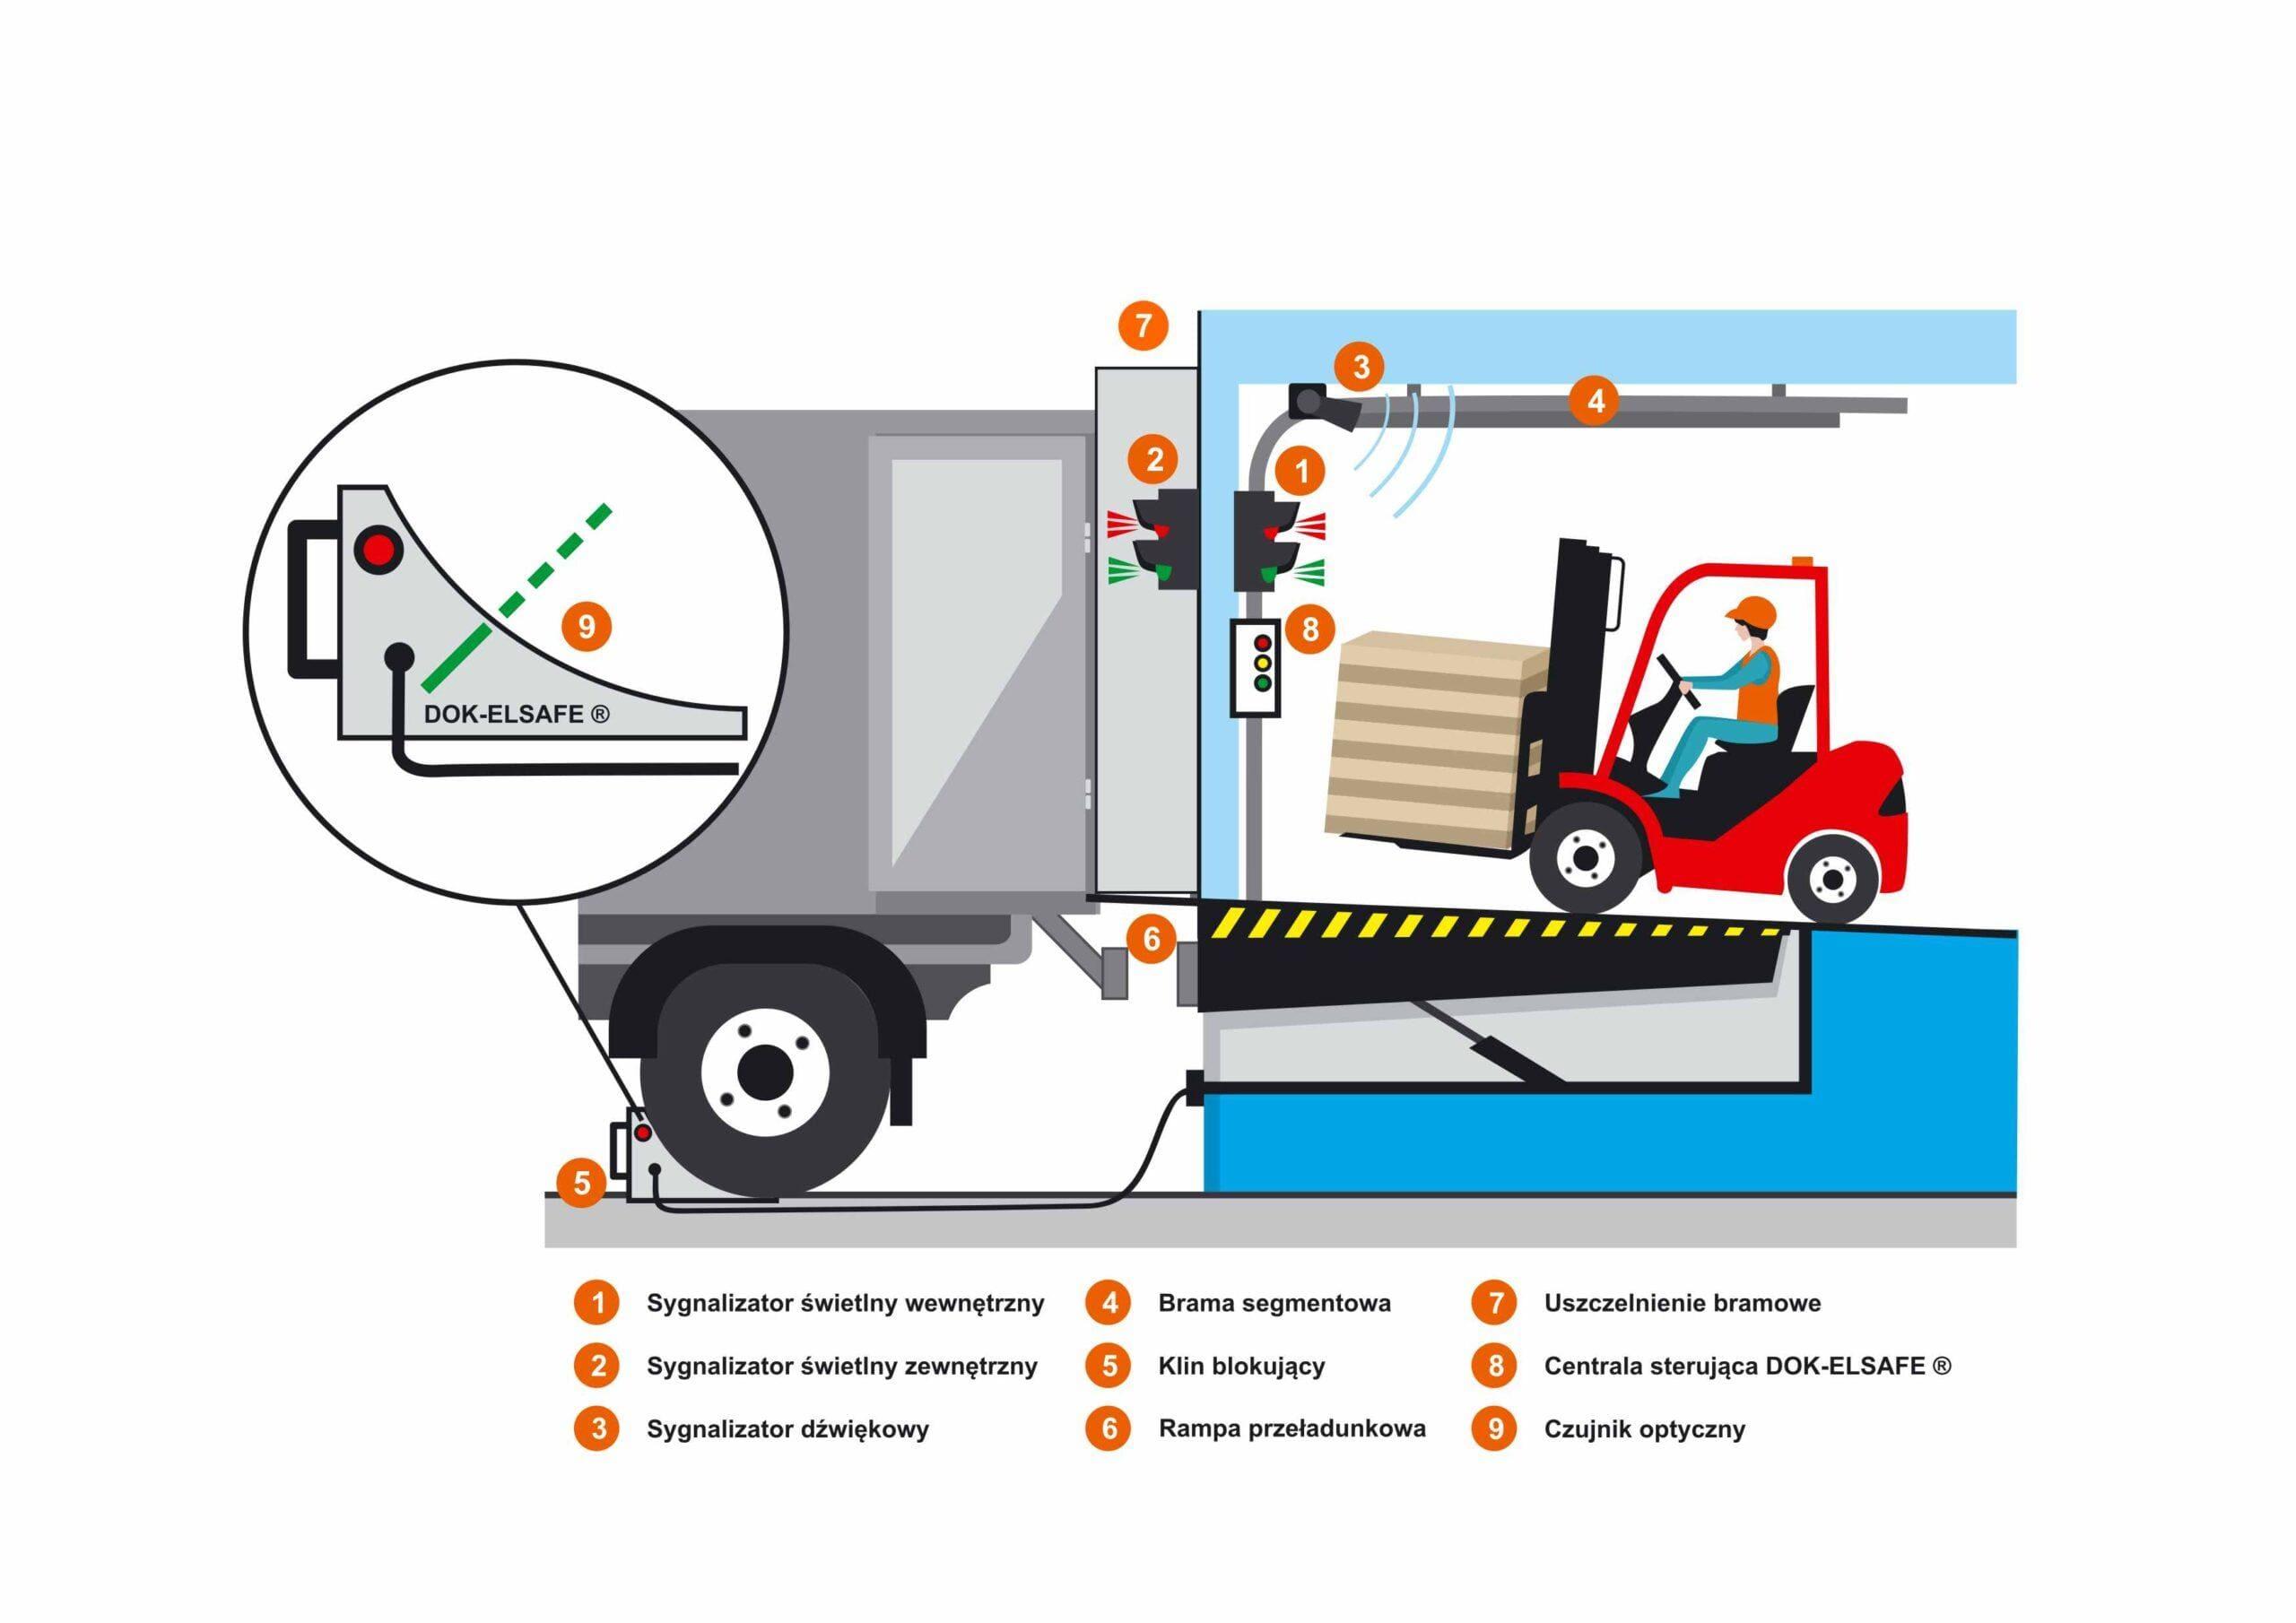 System Bezpiecznego Dokowania DOK-ELSAFE